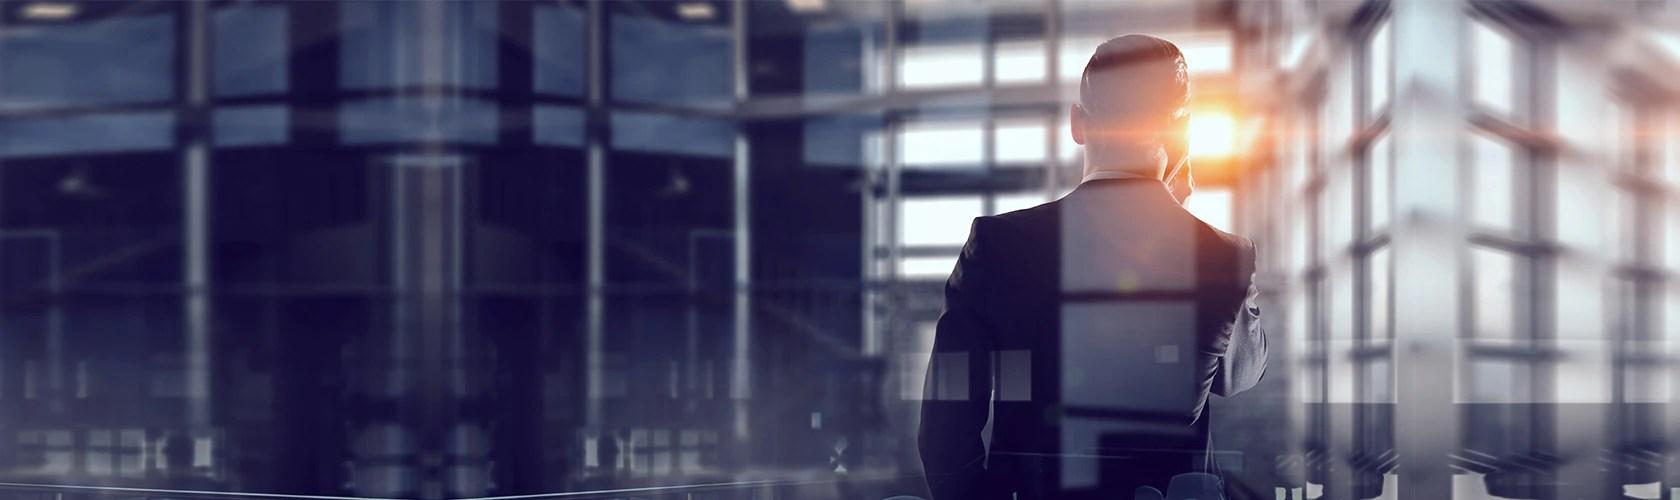 Pathfinder Studios Filmproduktion: Geschäftsmann telefoniert vor Gegenlicht